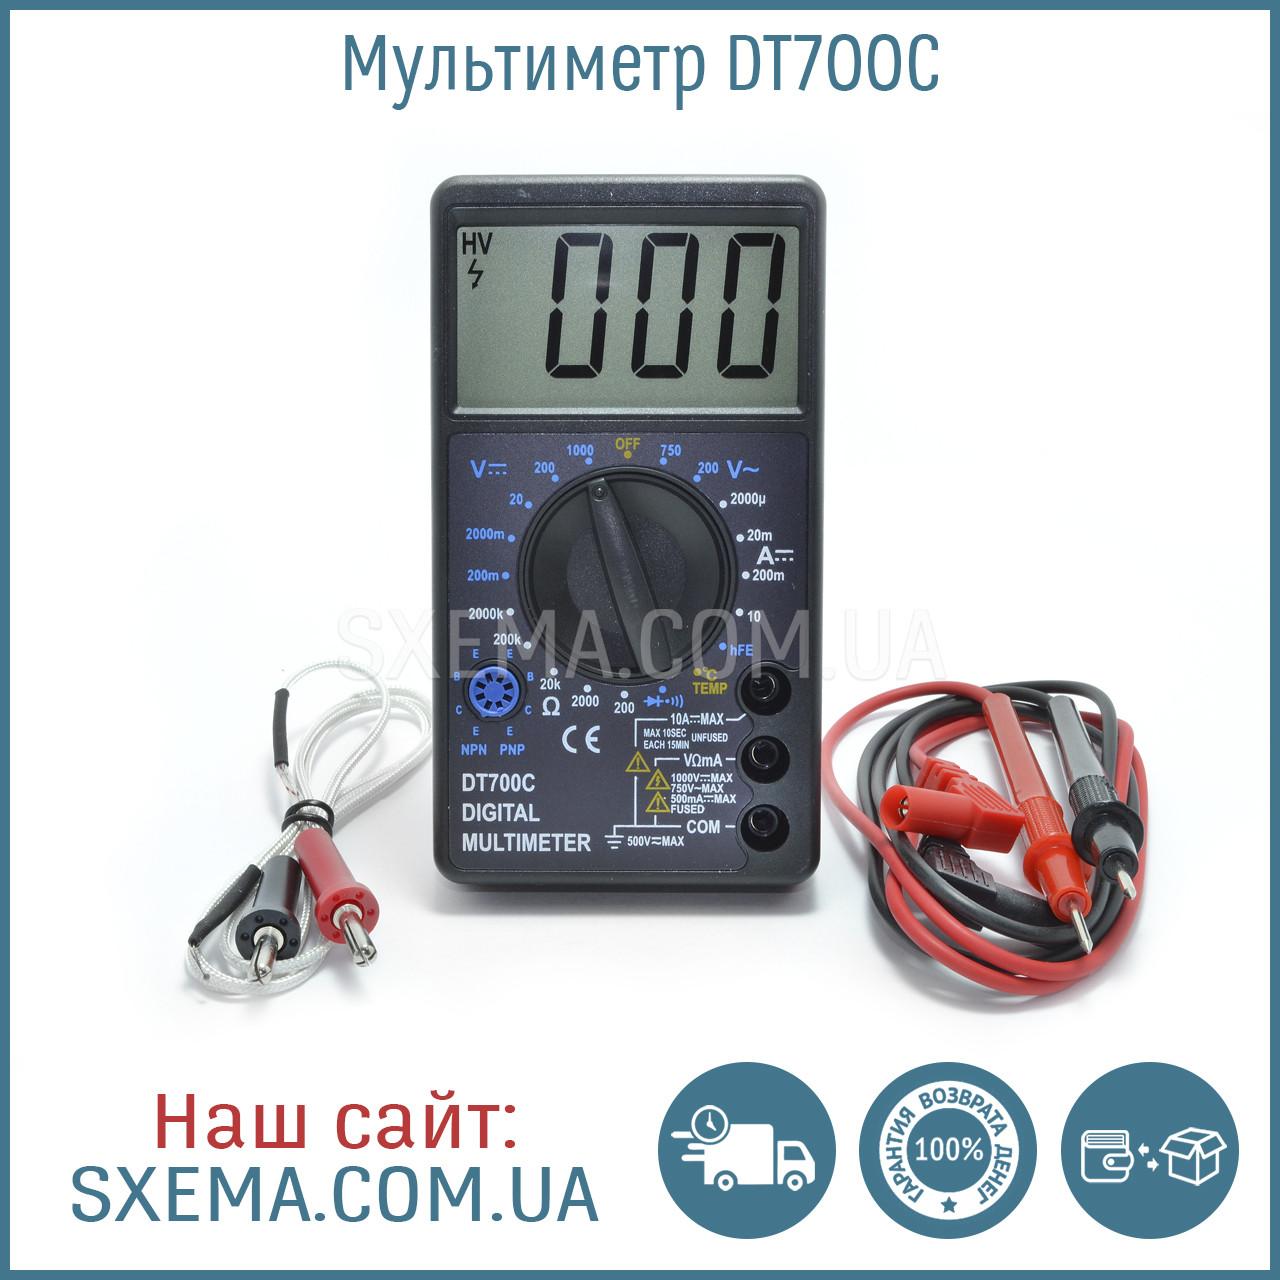 Мультиметр DT700C с термопарой и прозвонкой, крупные цифры на экране